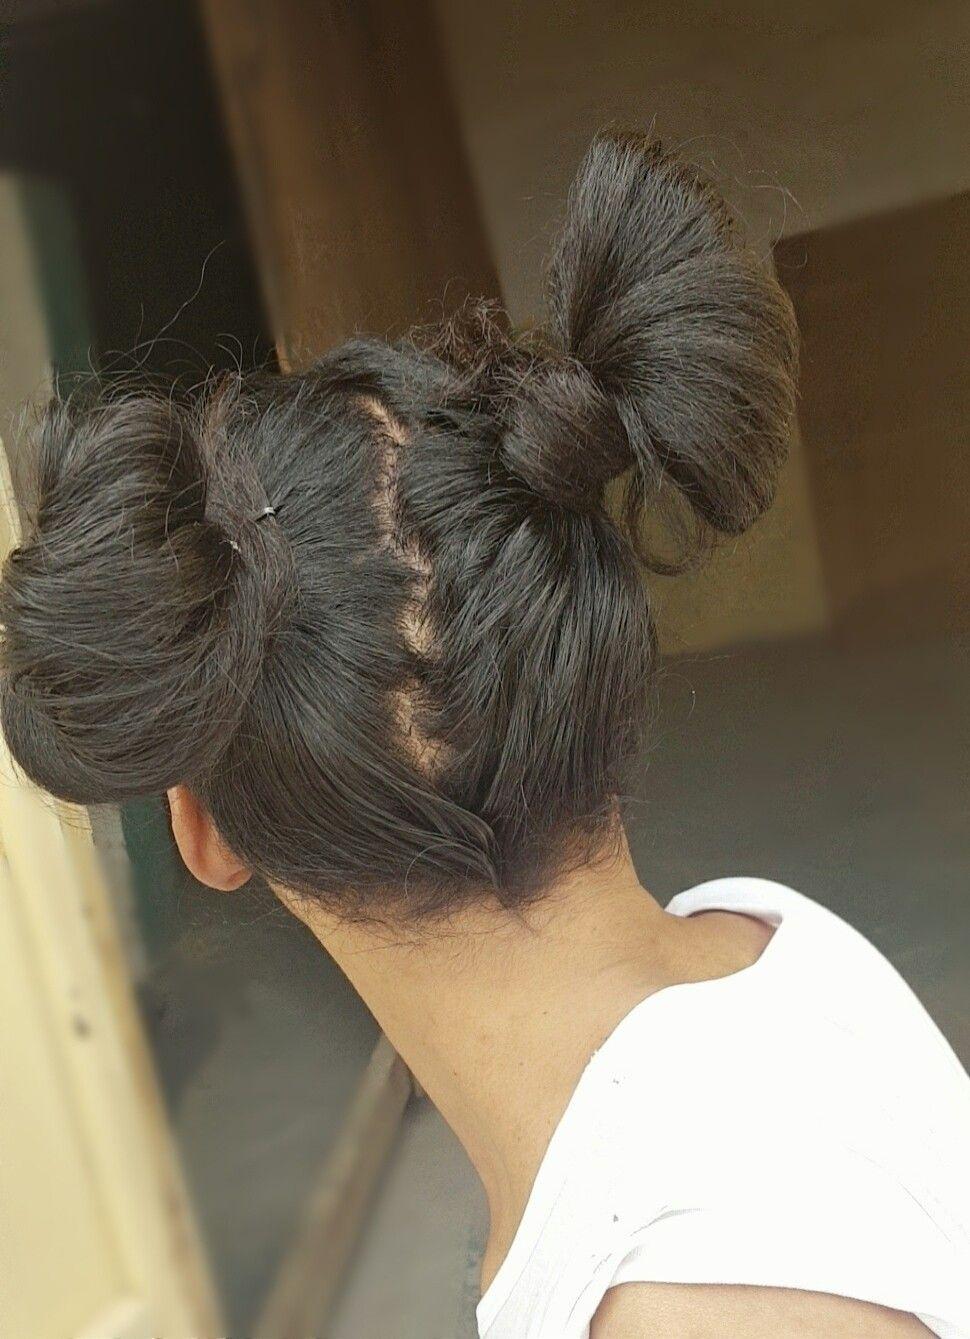 Double buns  Twins bun hairstyle  Two buns  Hair bun  #hair #style #stylish #longhair #nice #hairsty